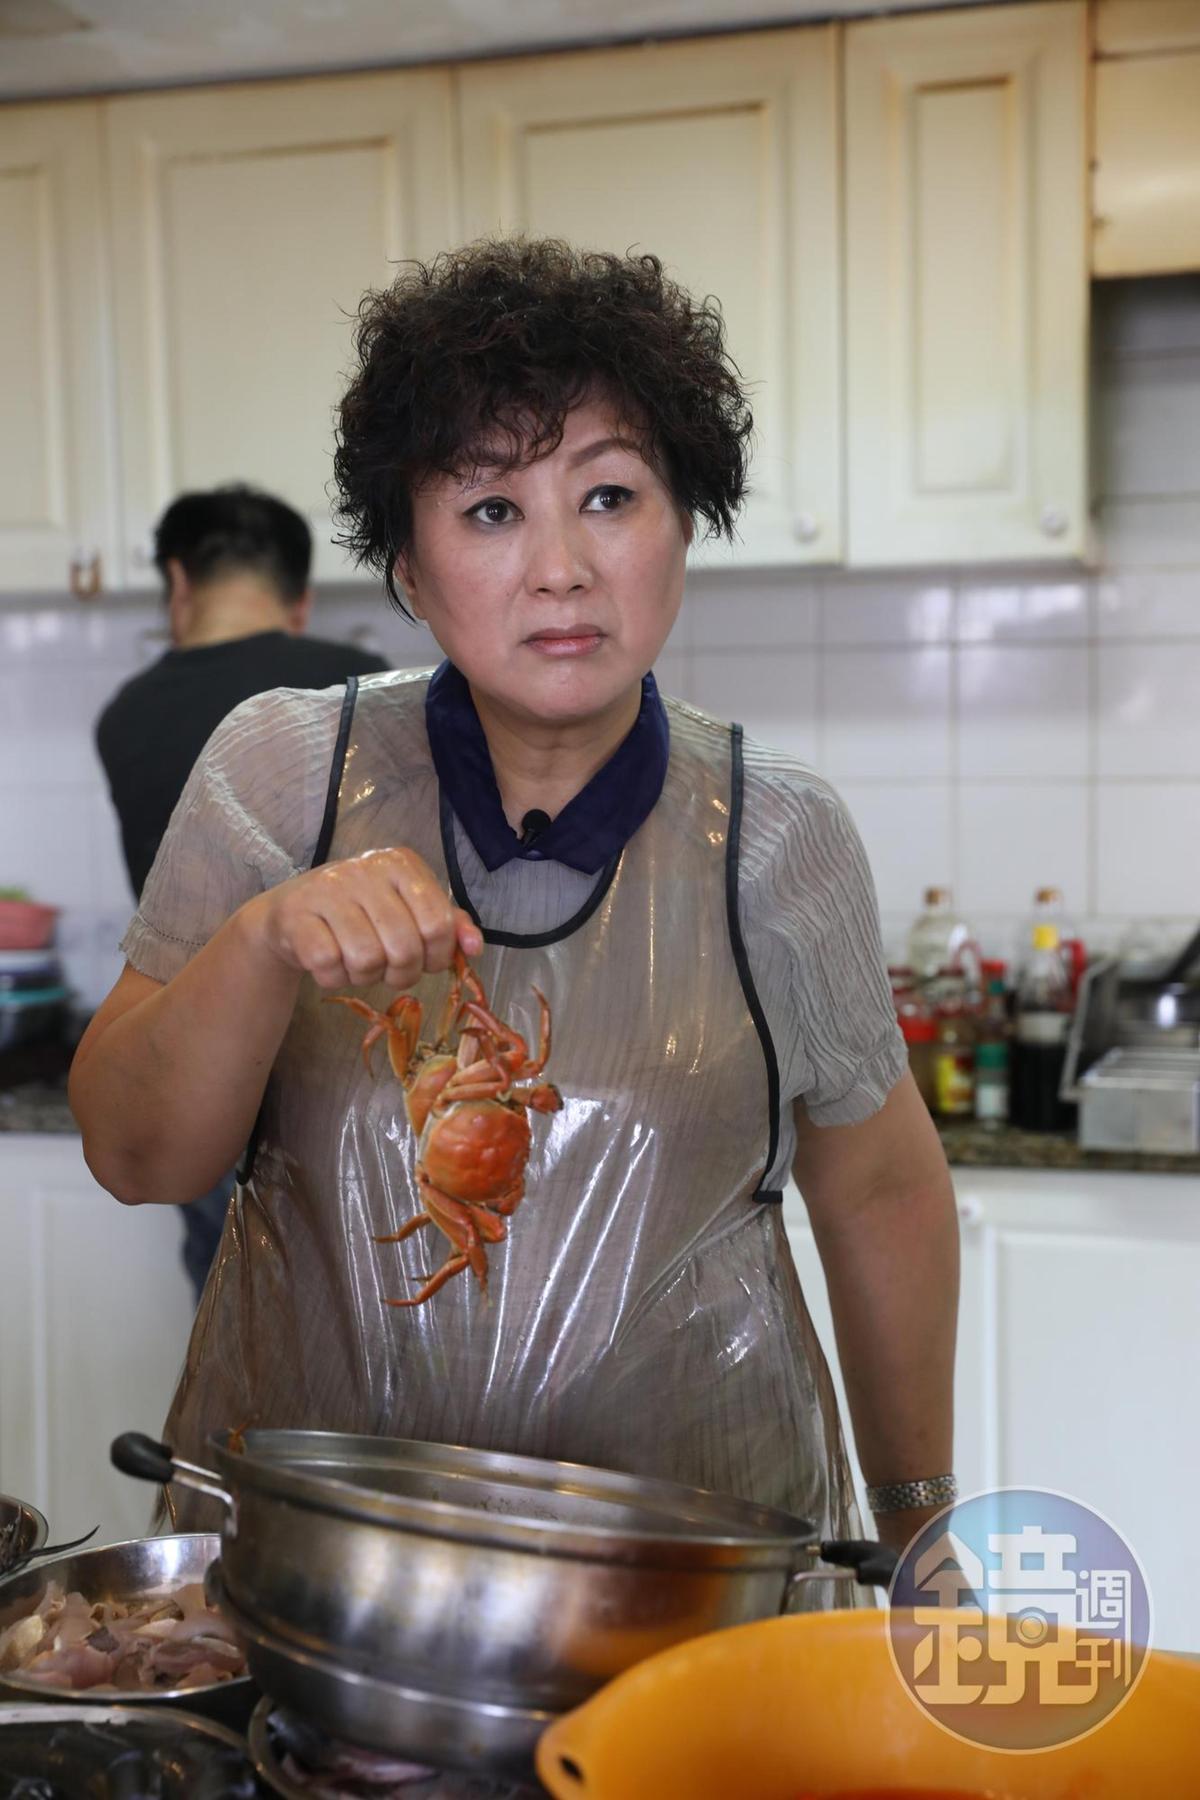 汪姐處理食材很仔細,若事先告知,她還能調整軟硬,適應客人需求。